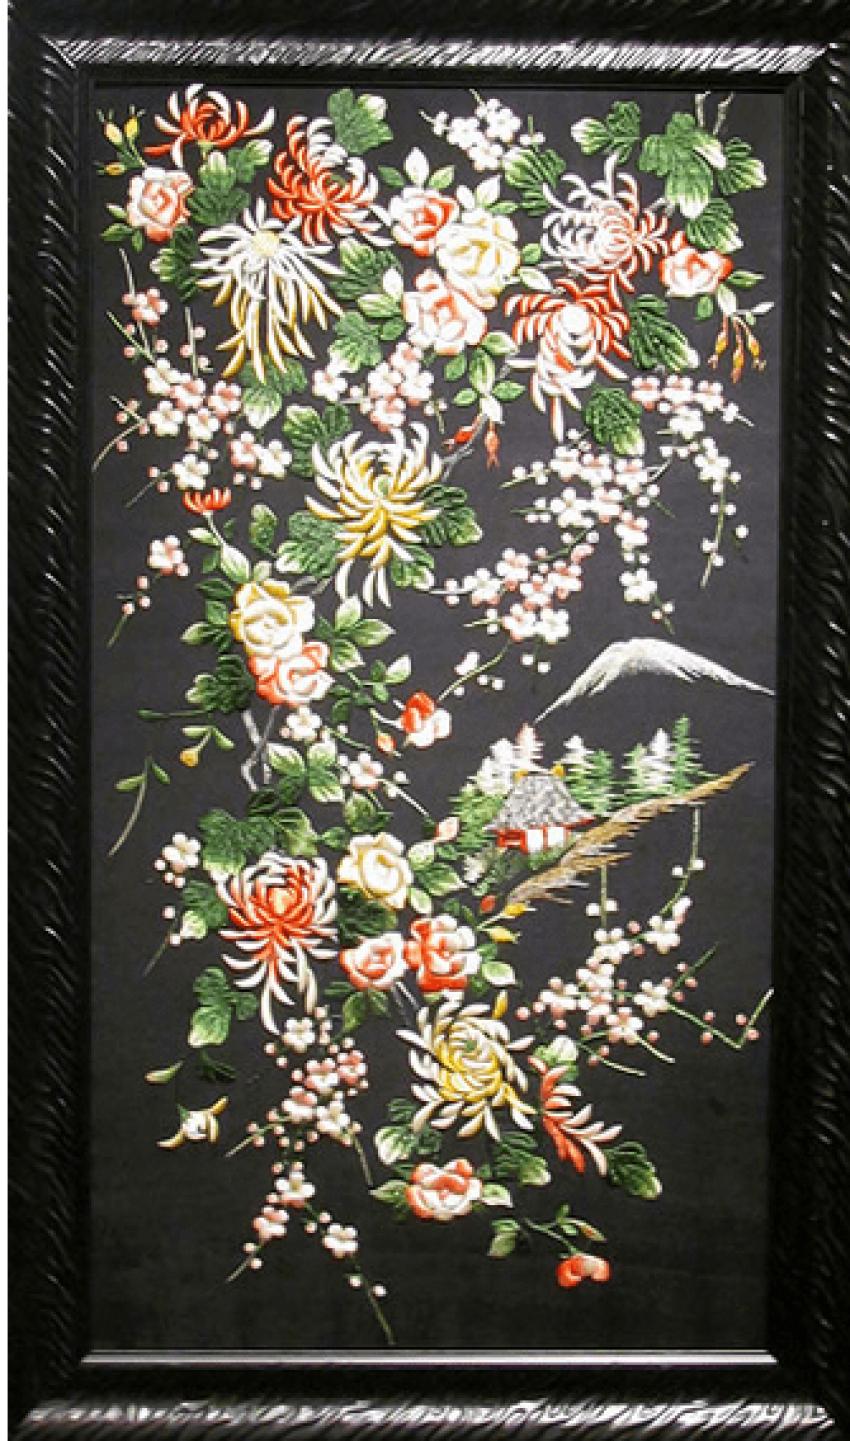 Broderie du Japon, de la soie du 20e siècle - photo 1